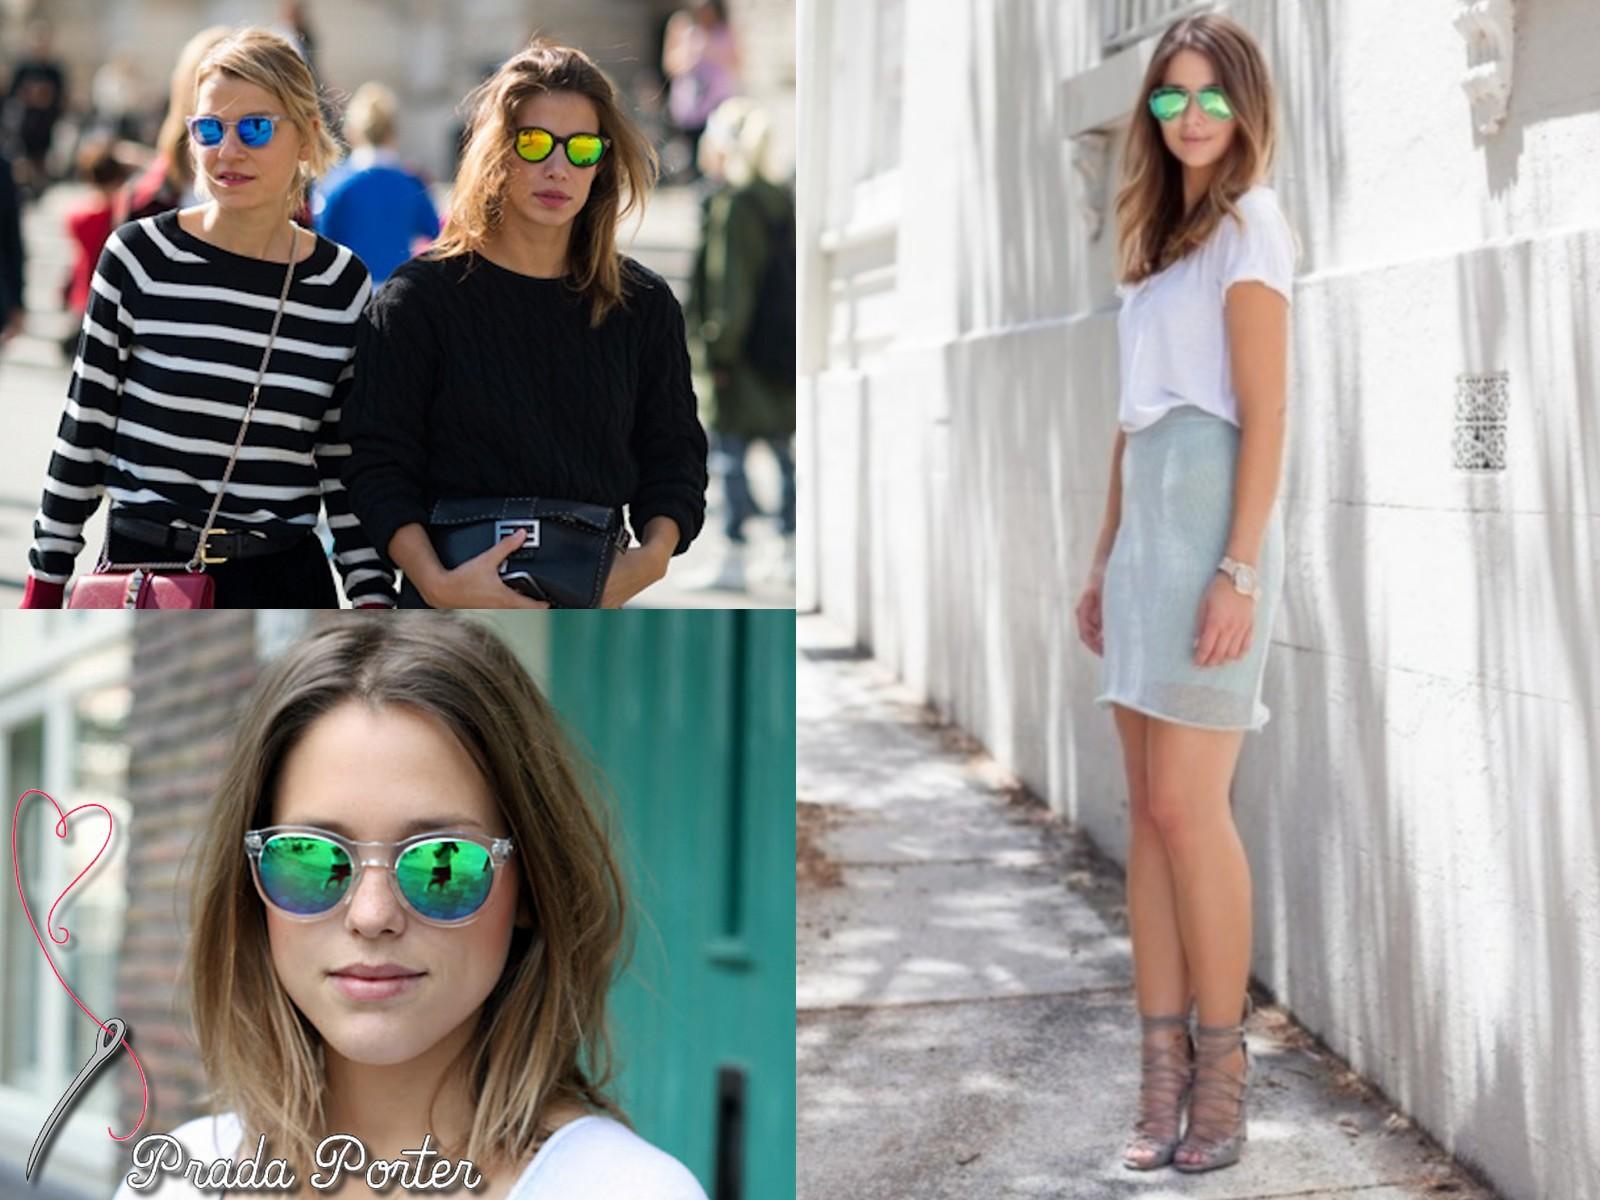 d27163eb31f88 Arquivos oculos - Prada Porter